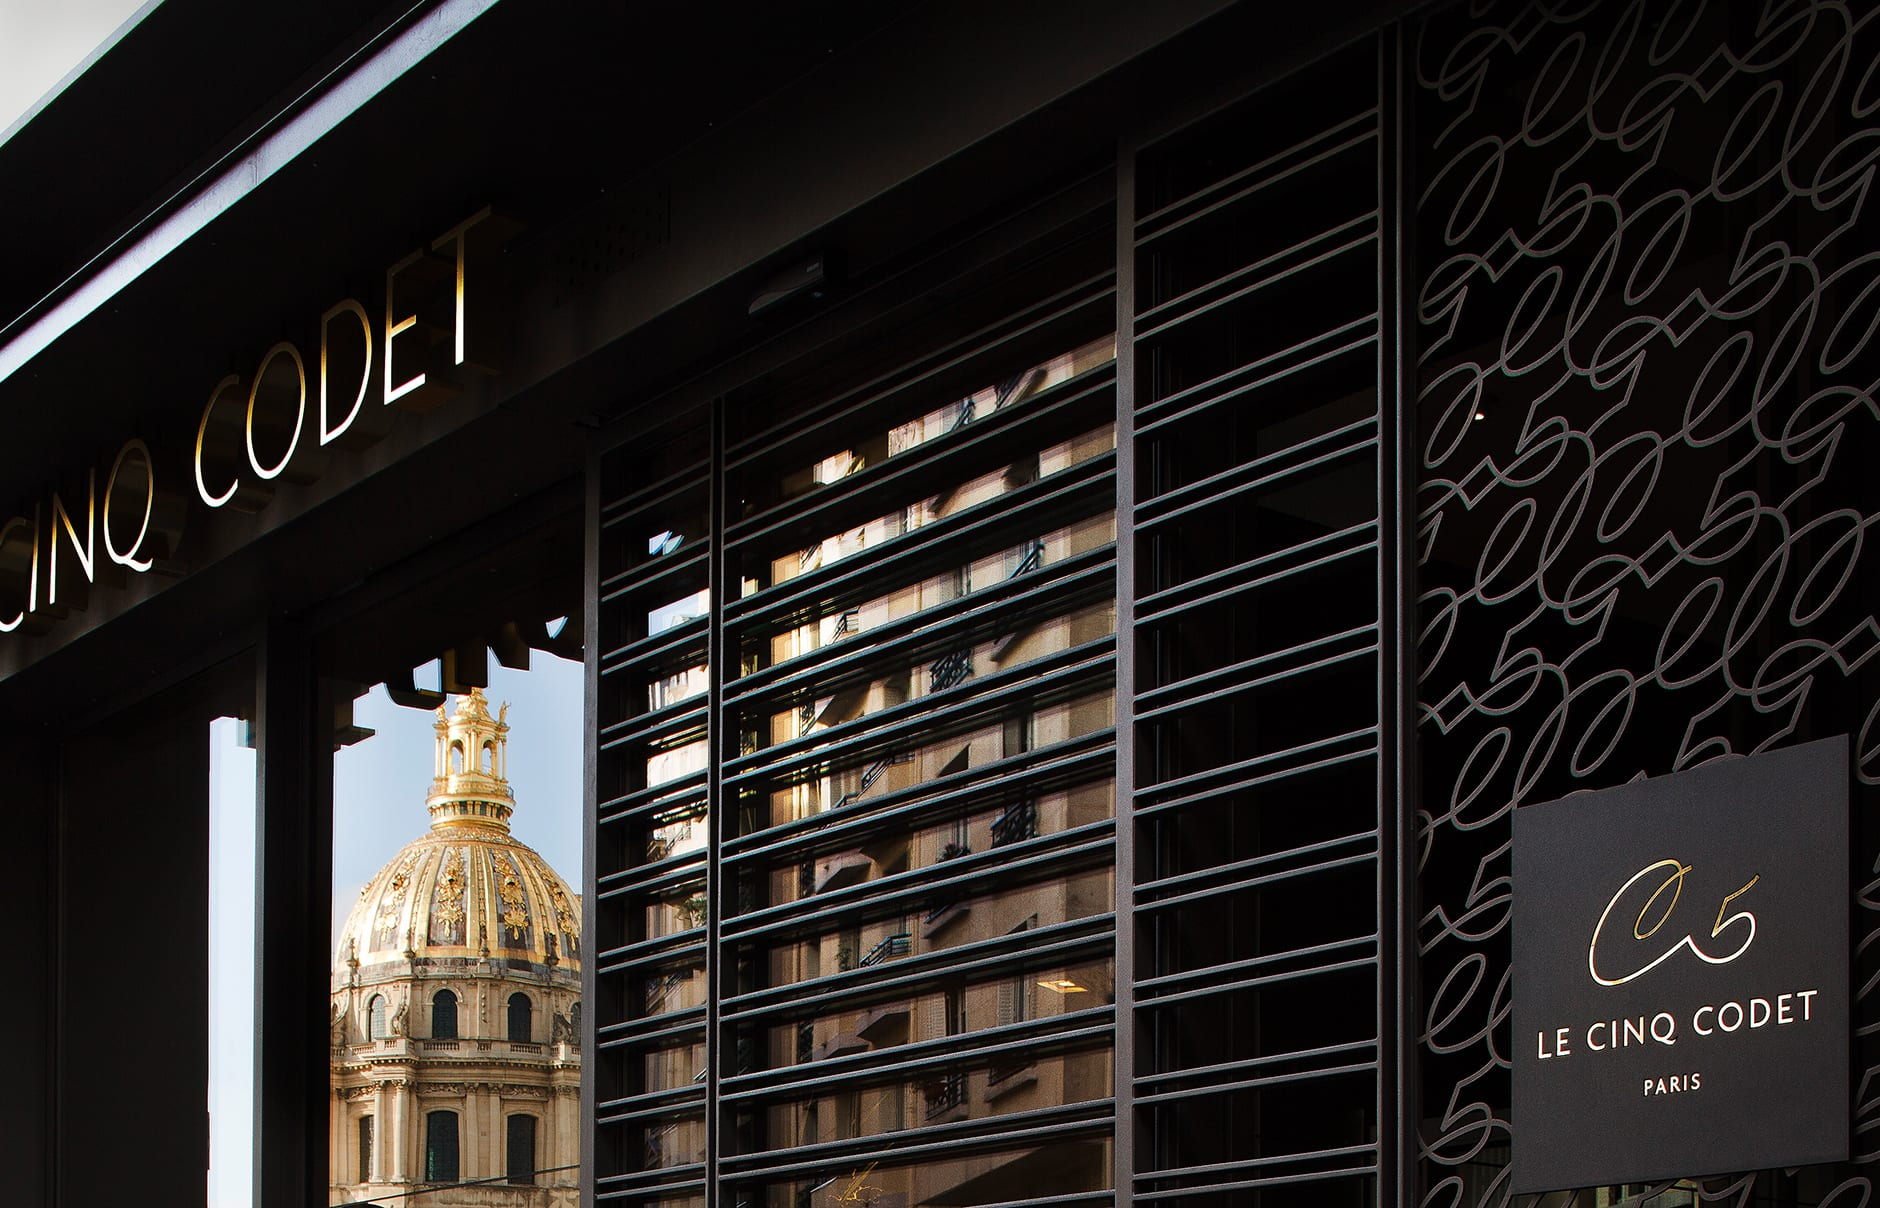 Le Cinq Codet, Paris, France. © Le Cinq Codet